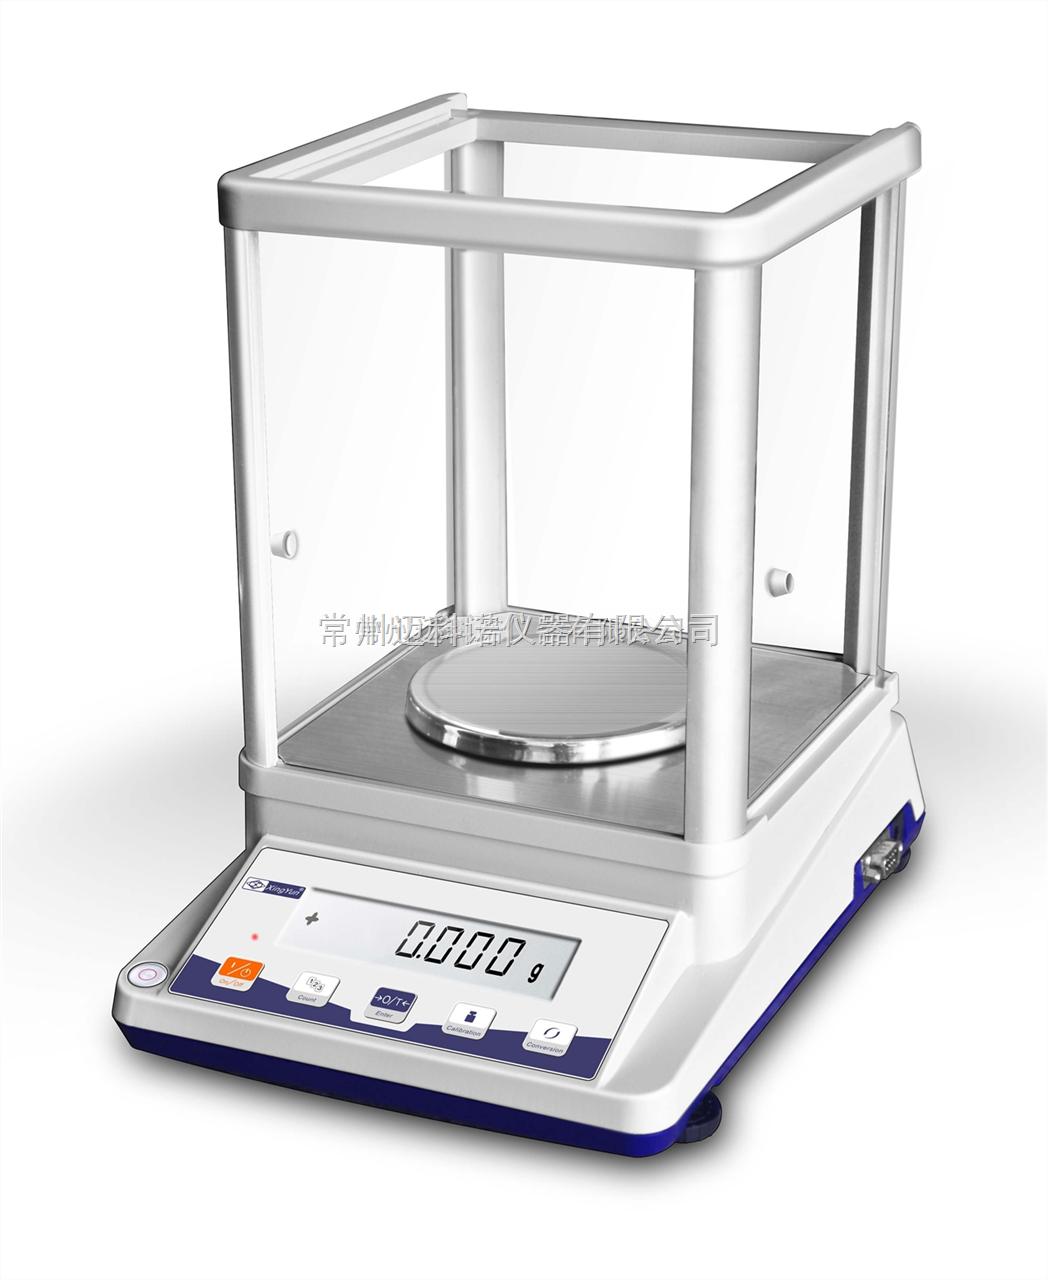 JA203P 分析电子天平